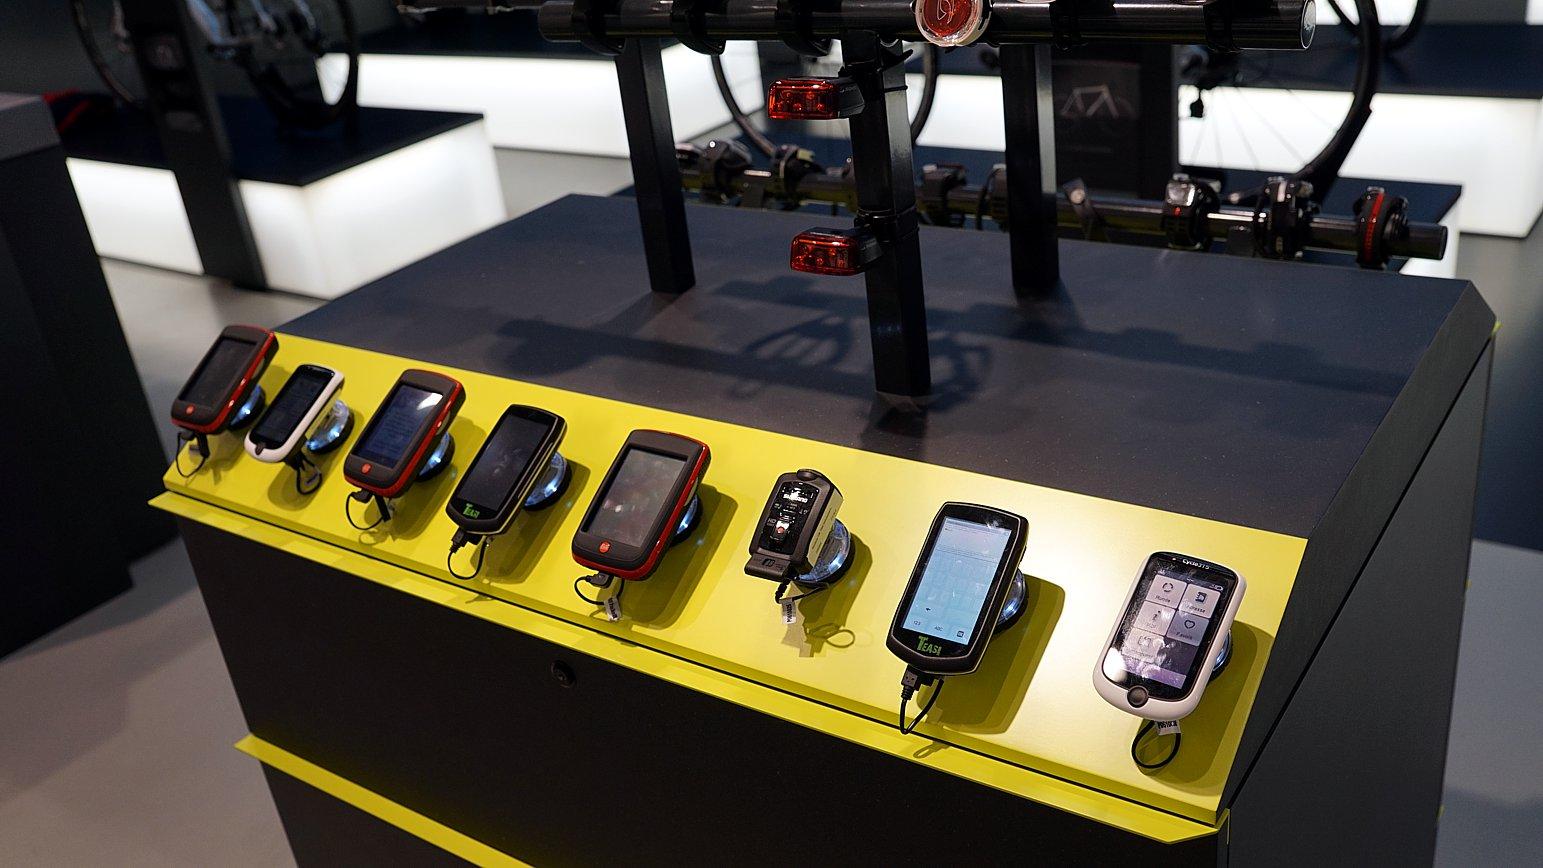 Gängige Radcomputer und Uhren runden das Angebot ab.